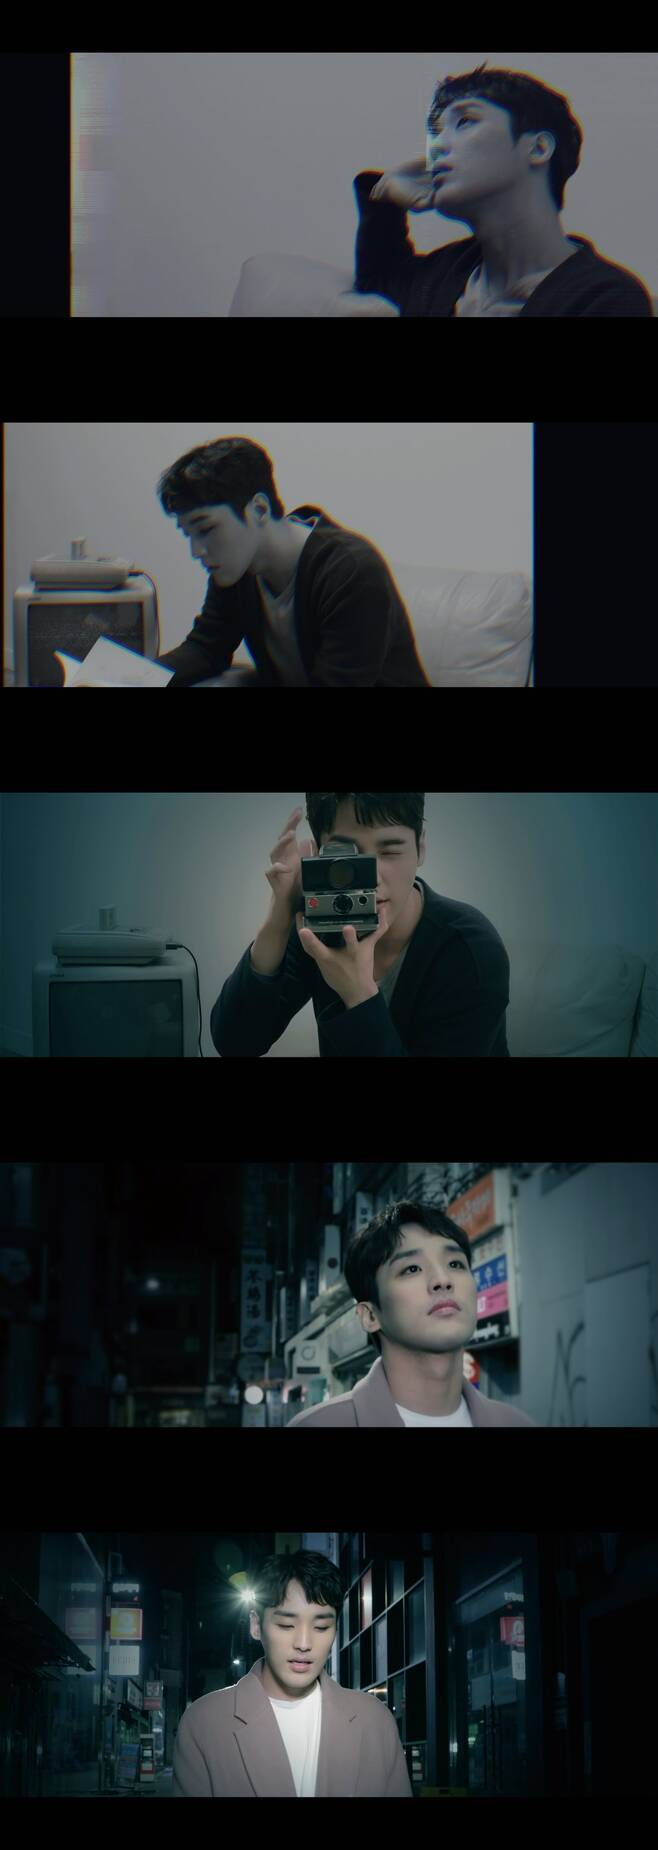 ▲ 가수 한희준이 신곡 'Starry Night'를 공개했다. 사진|뮤직비디오 캡처